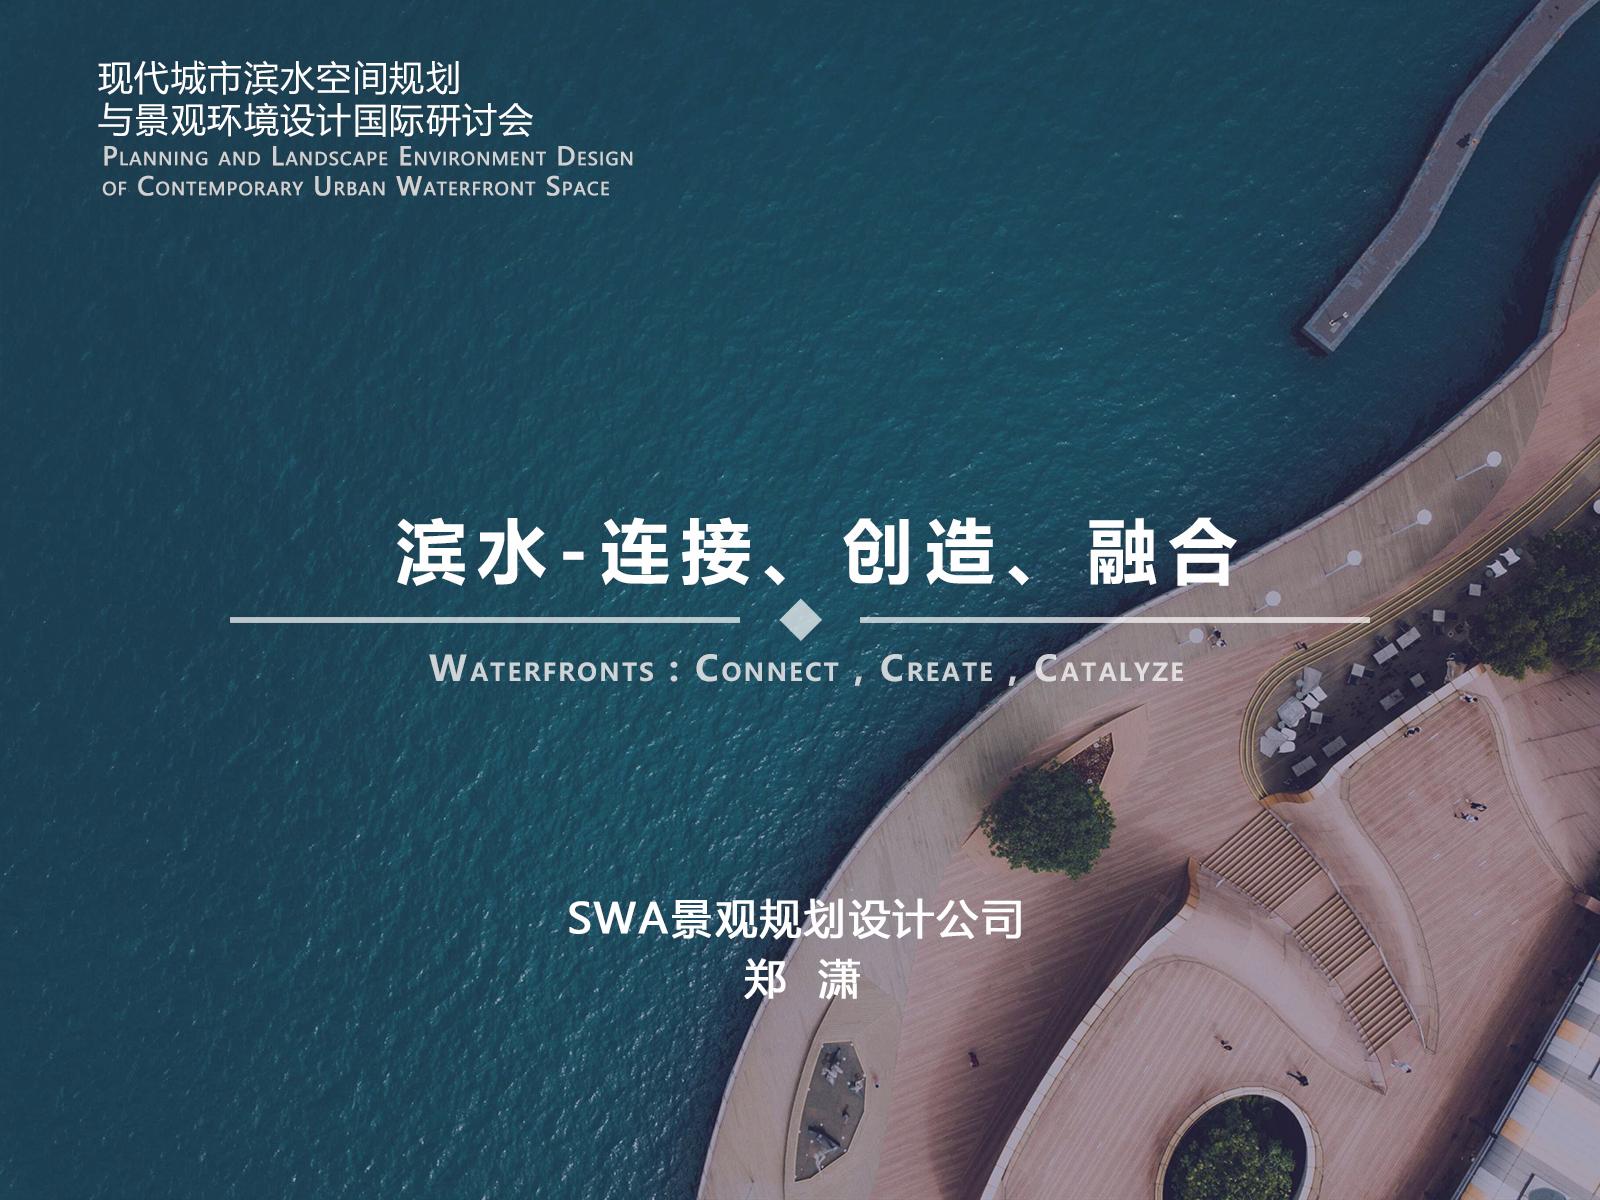 郑潇—滨水-连接、创造、融合—【现代城市滨水空间规划与景观环境设计研讨会】